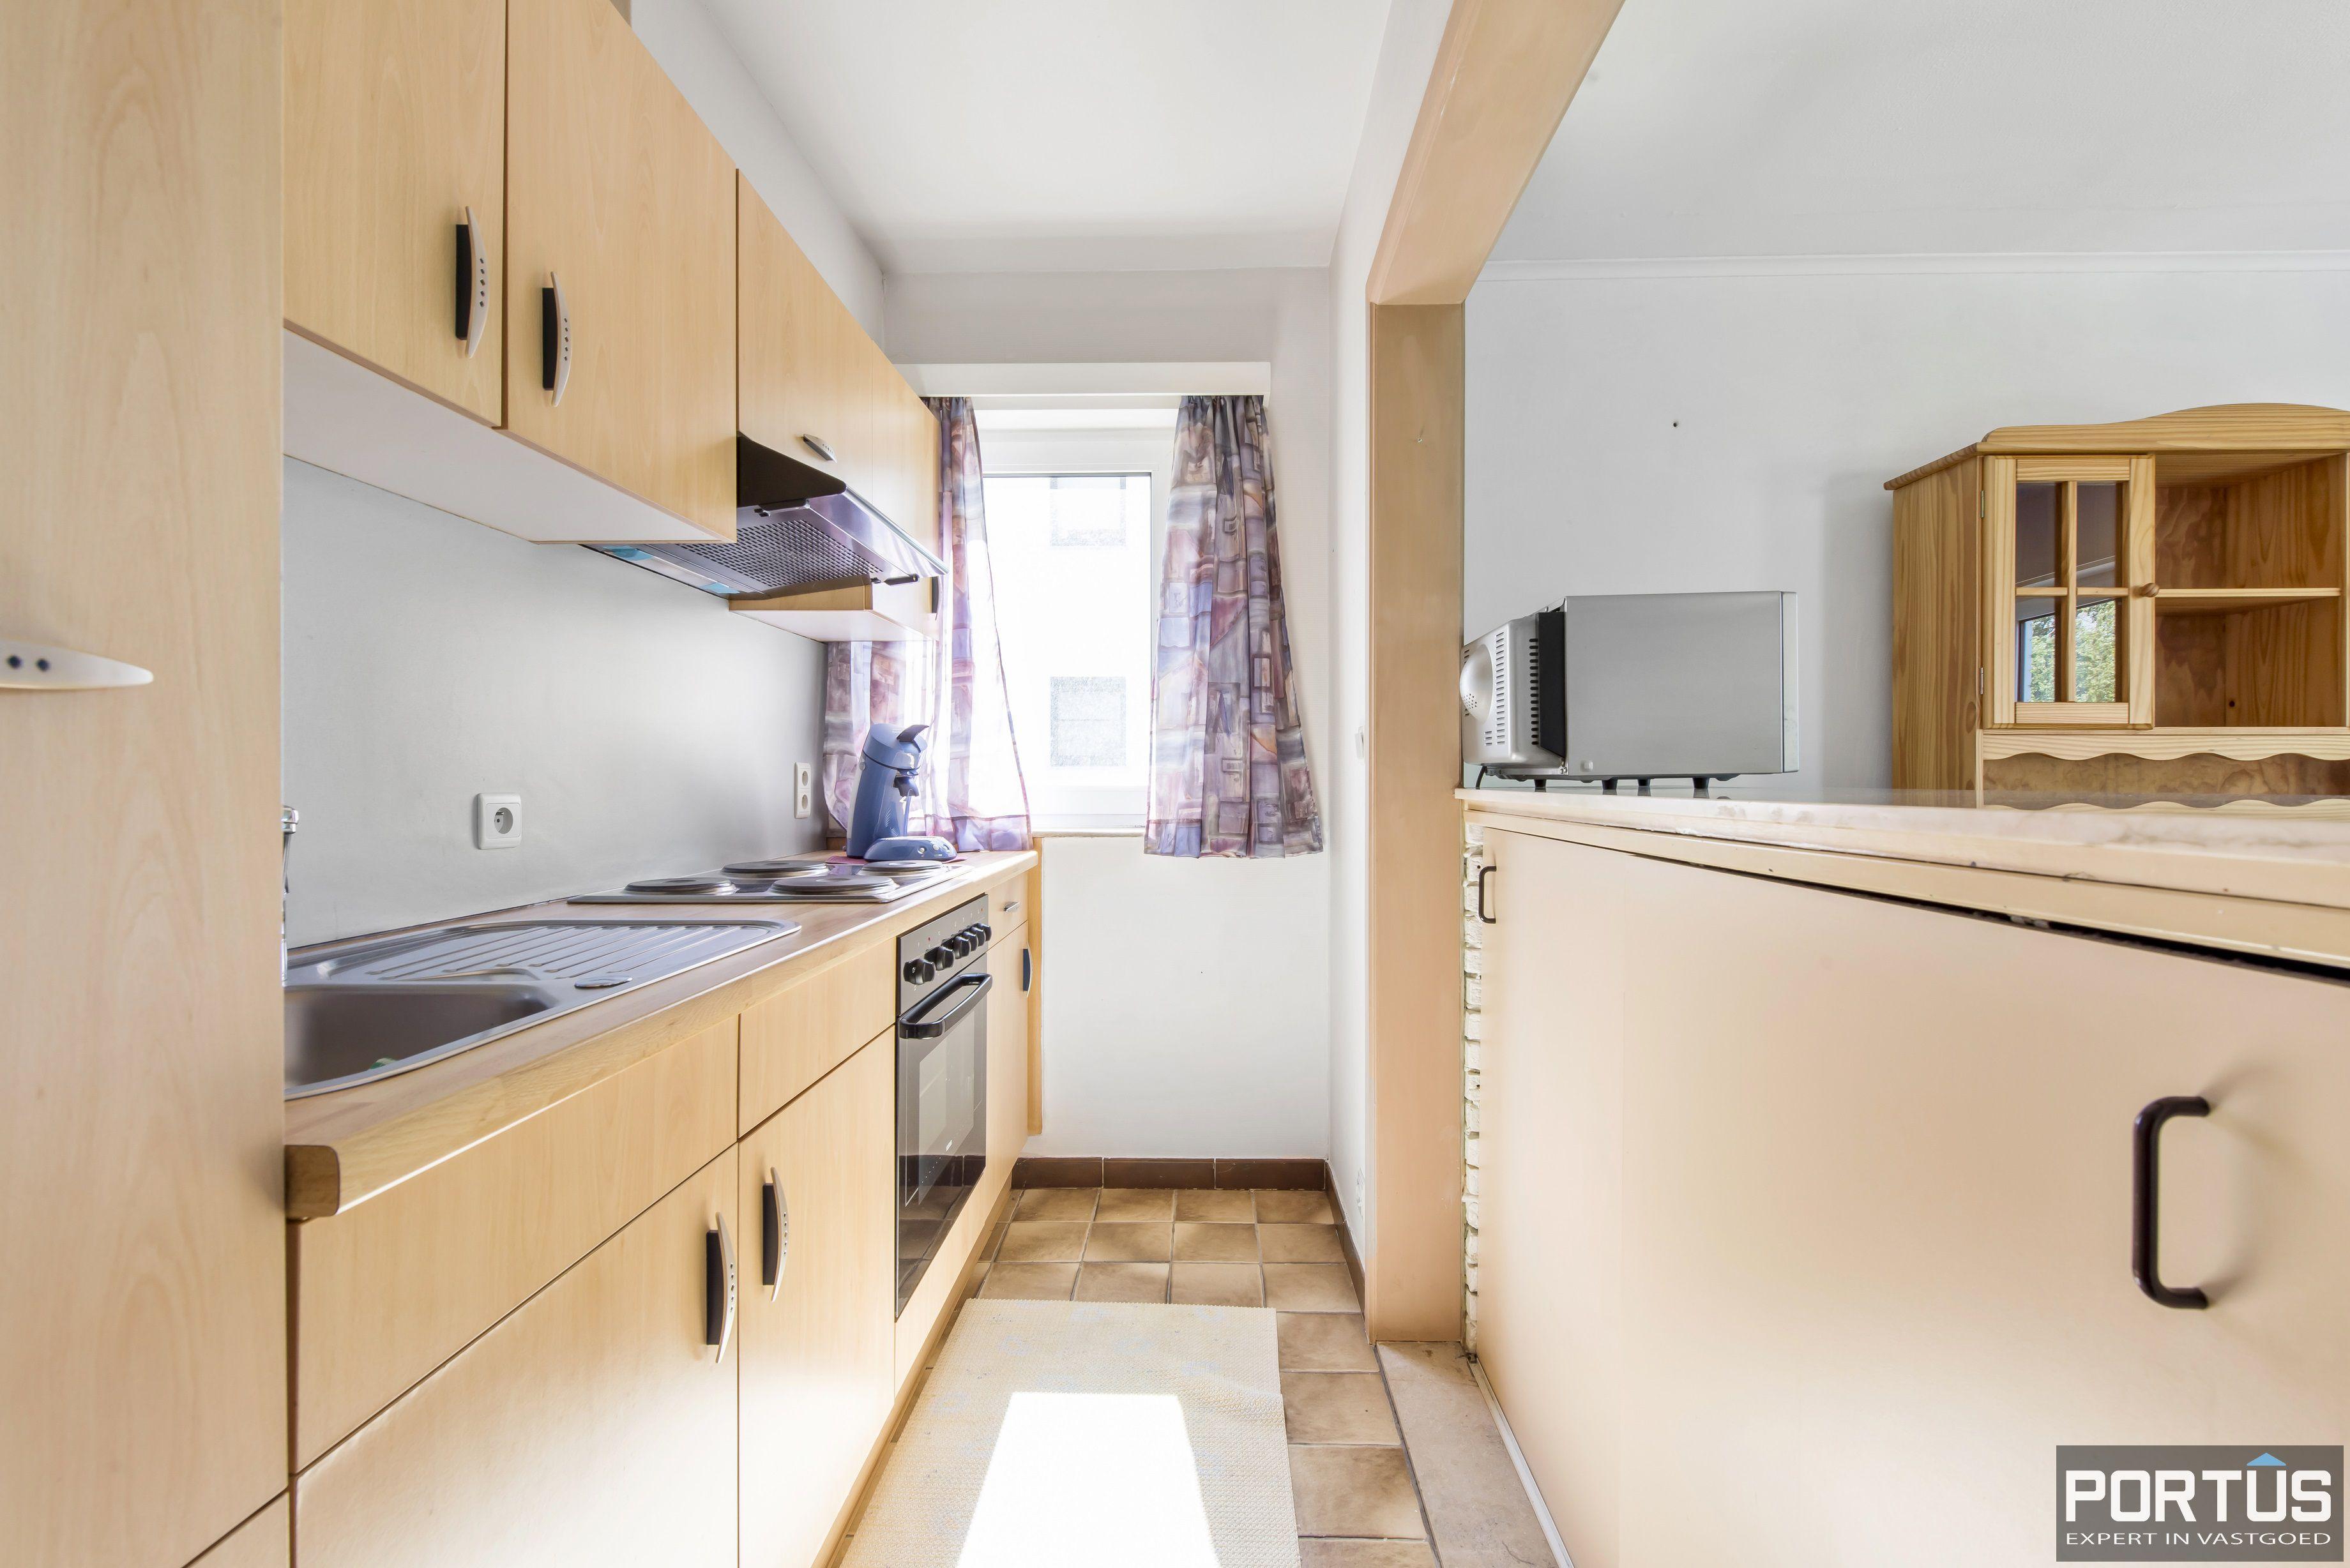 Appartement met 2 slaapkamers te koop te Nieuwpoort - 11145